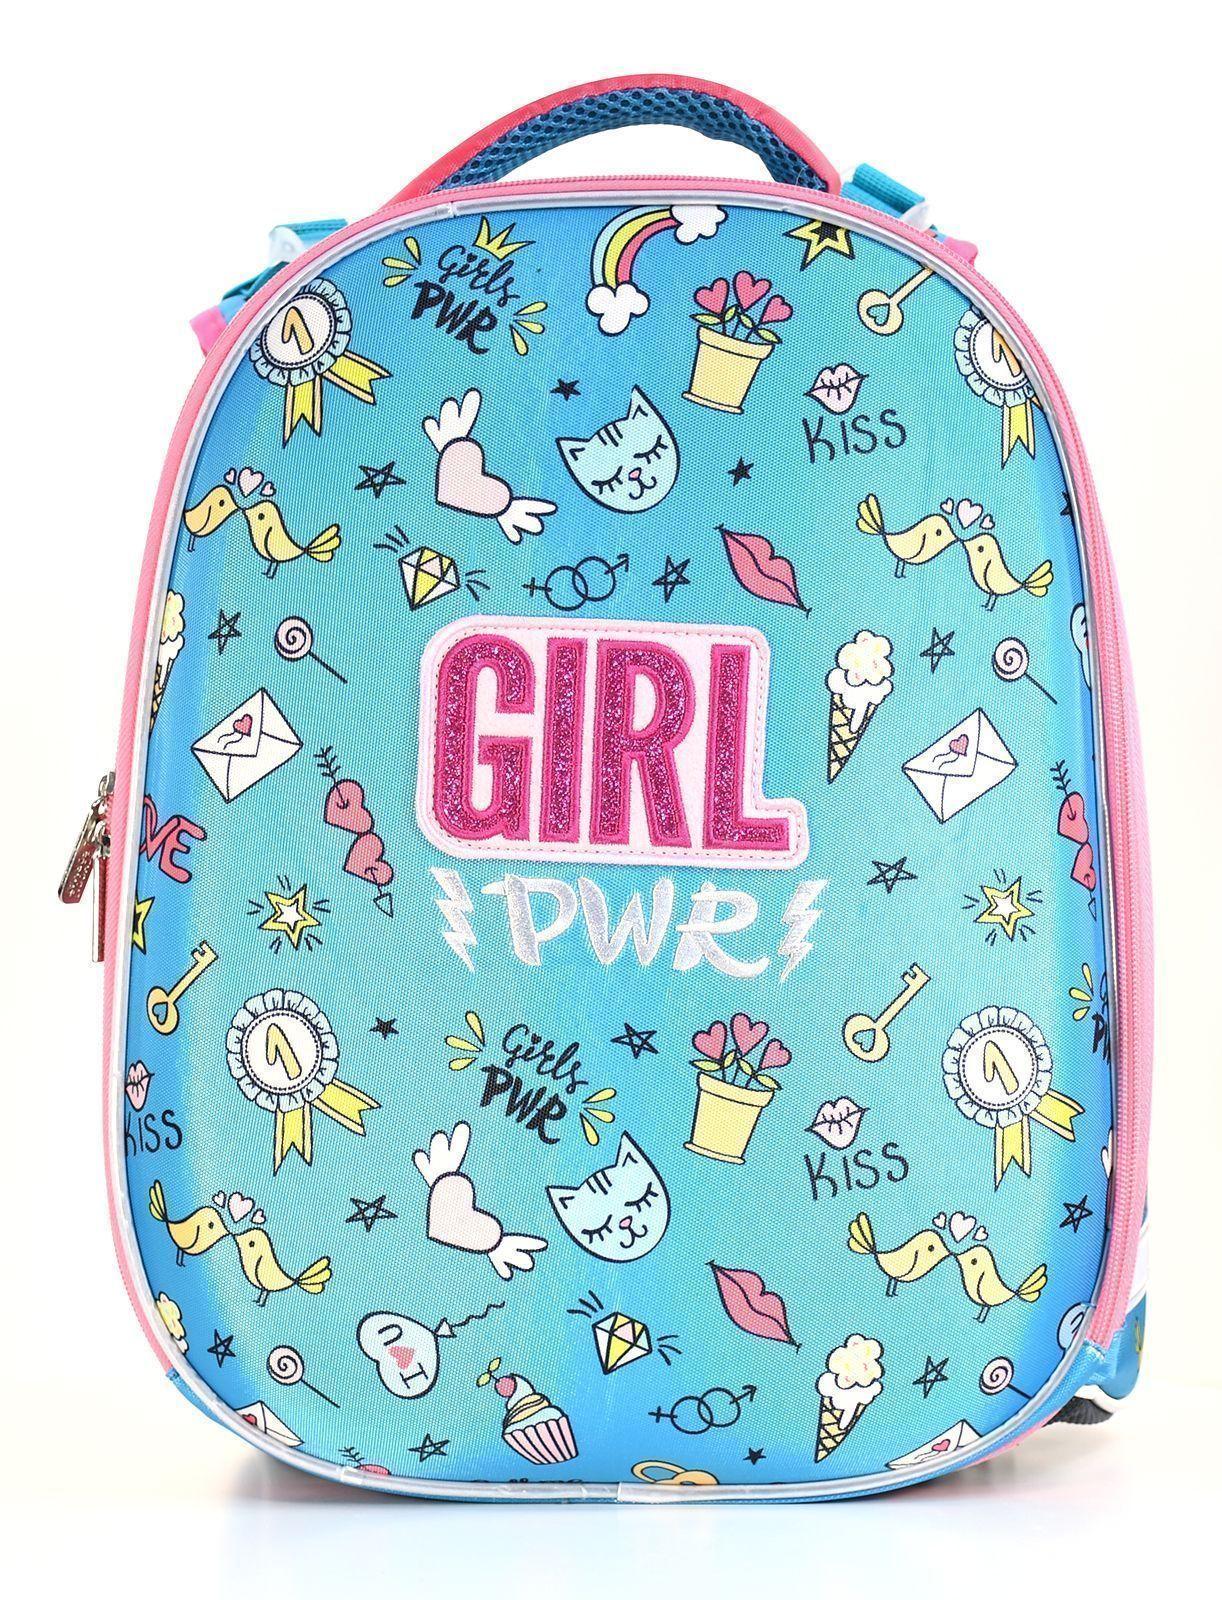 Рюкзак Schoolformat Girl power, модель ERGONOMIC+, жесткий каркас, двухсекционный, 38х30х18 см, 17 л, для девочек